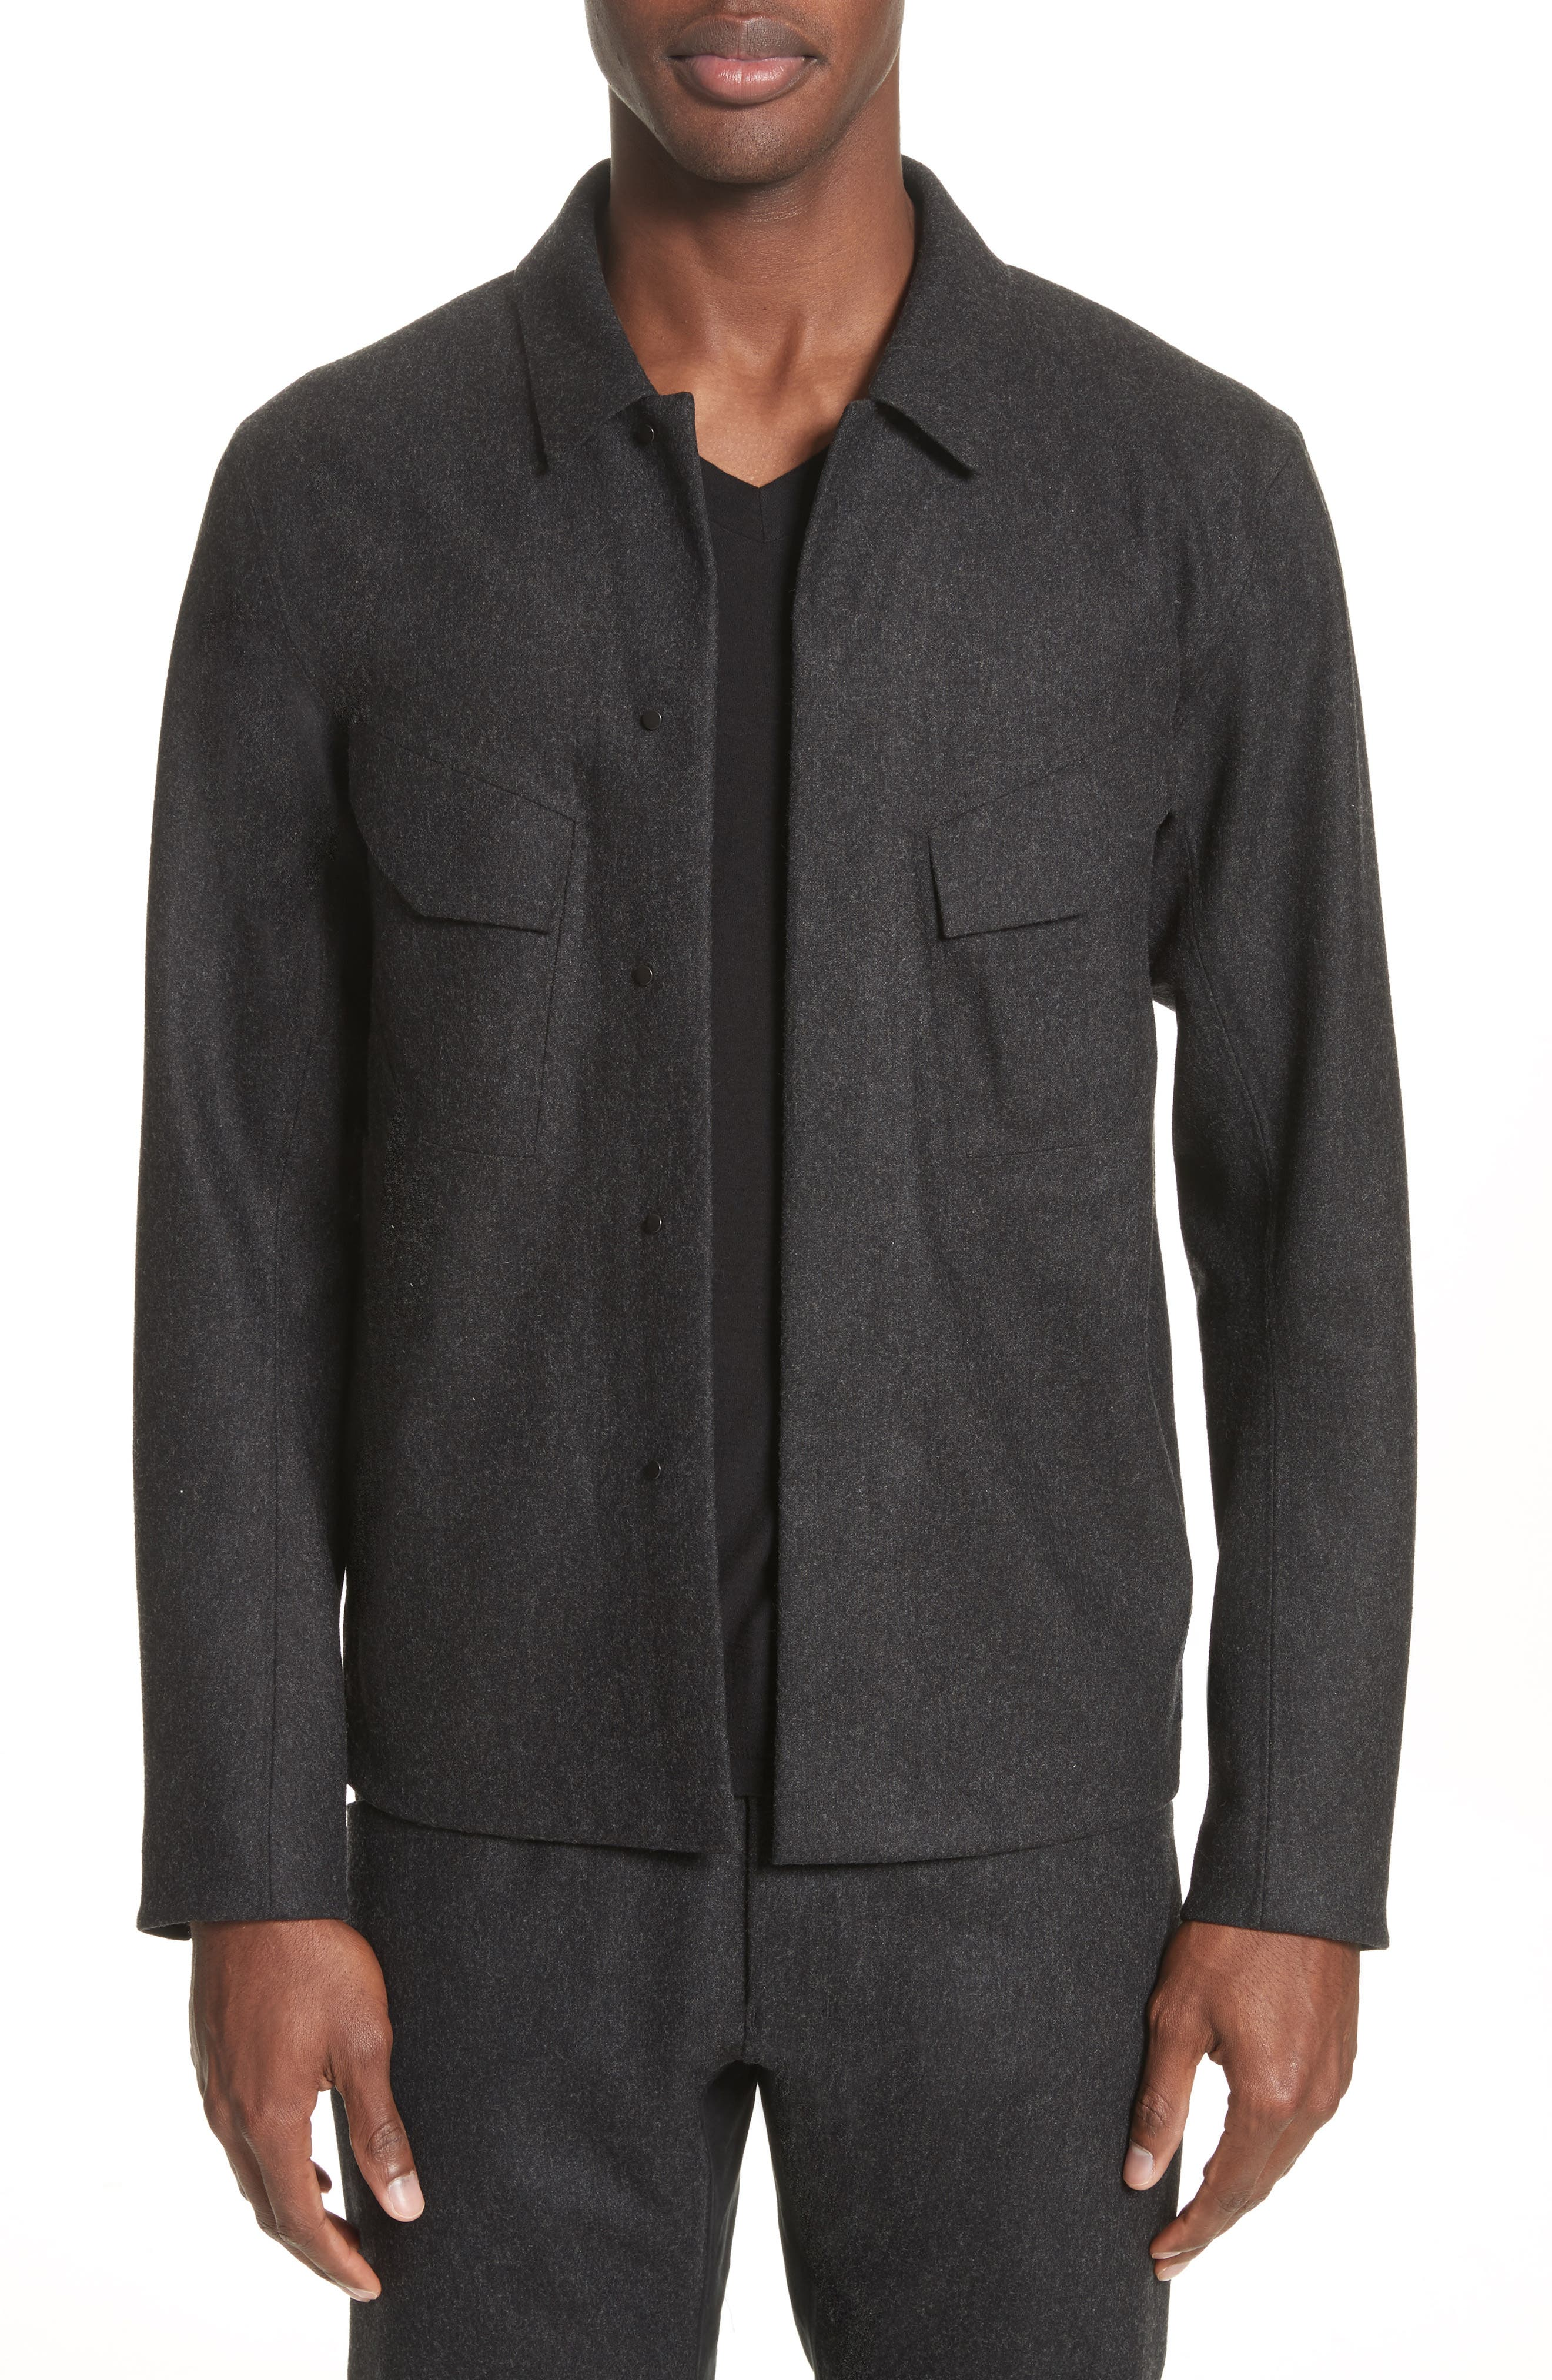 Haedn Shirt Jacket,                             Main thumbnail 1, color,                             001